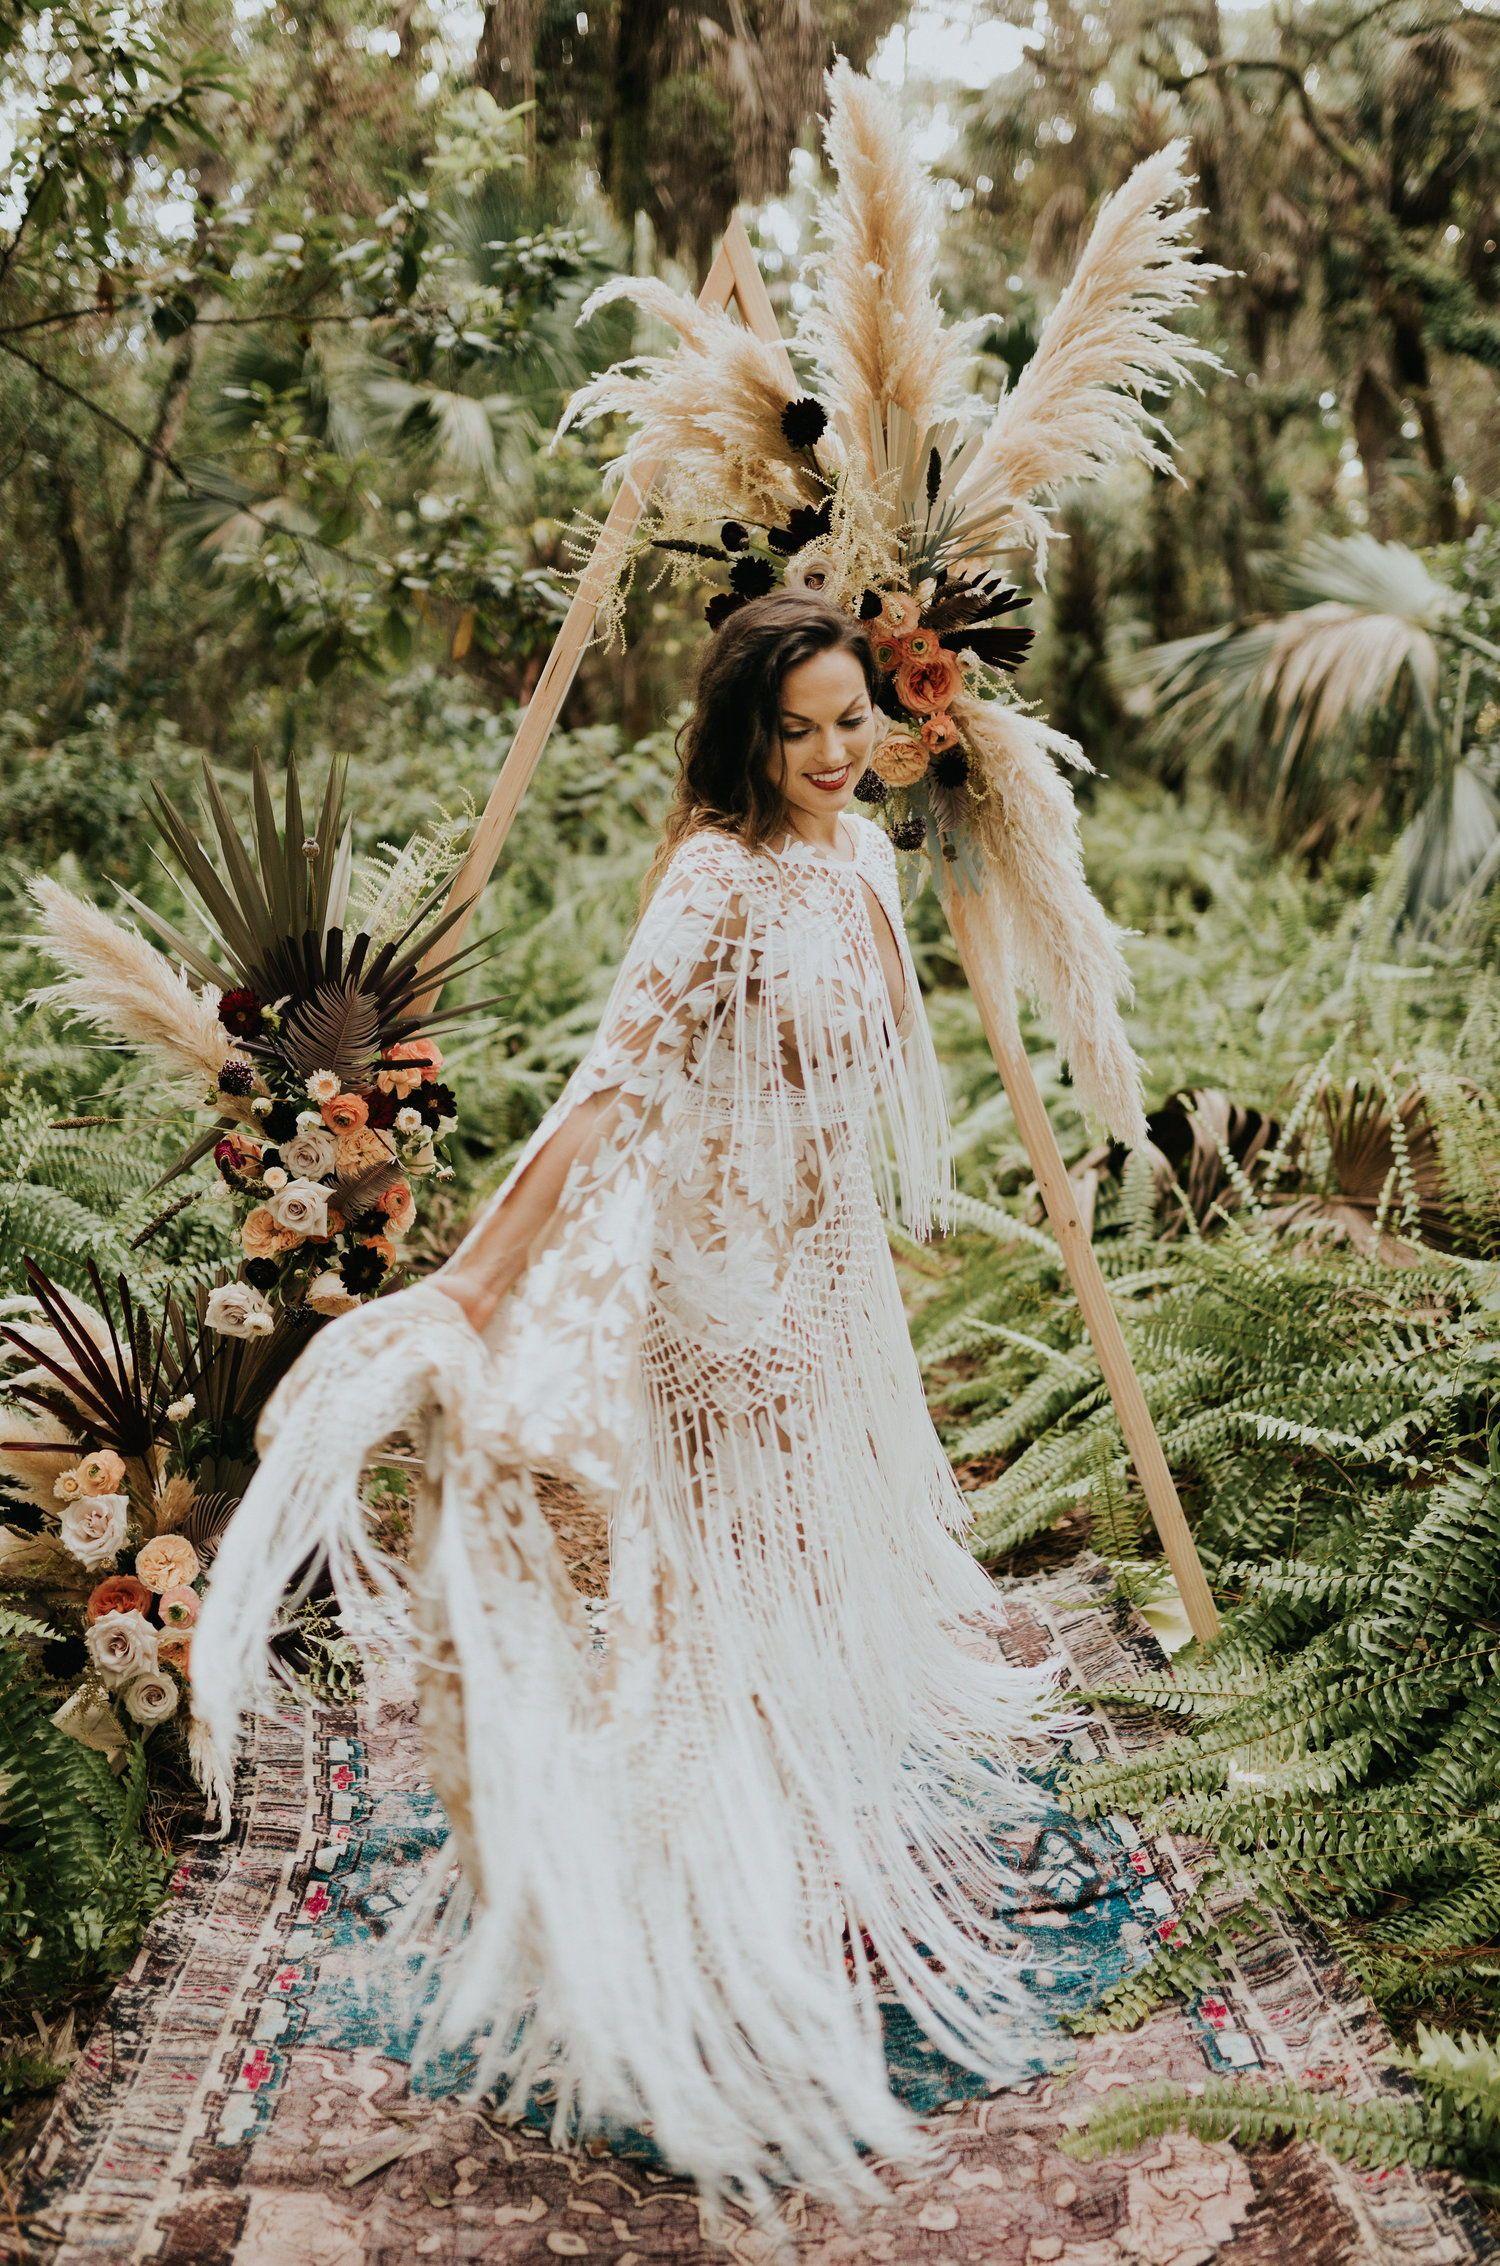 Tropical boho wedding inspo rue de seine fringe wedding dress